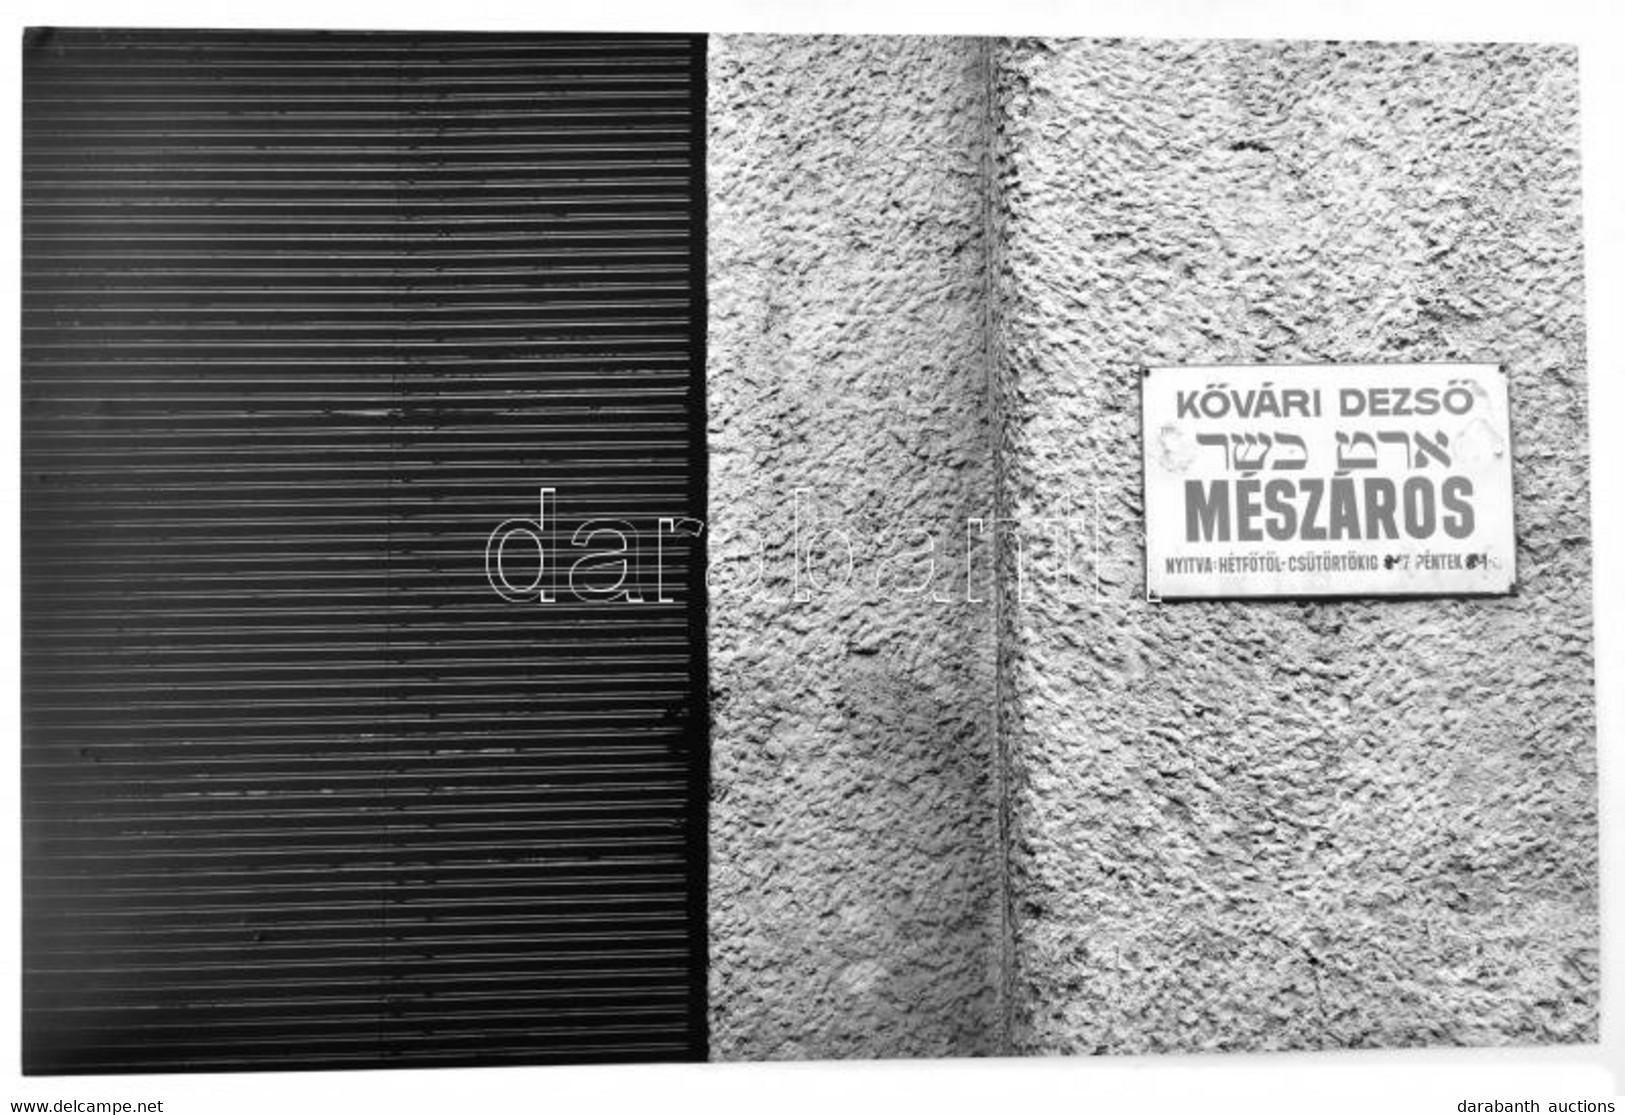 Kővári Dezső (?-2005) Zsidó Kóser Mészáros Magyar és Héber Nyelvű (Bp., Dob Utcai?) Cégtáblája, Jelzés Nélküli Fotó, Job - Non Classificati